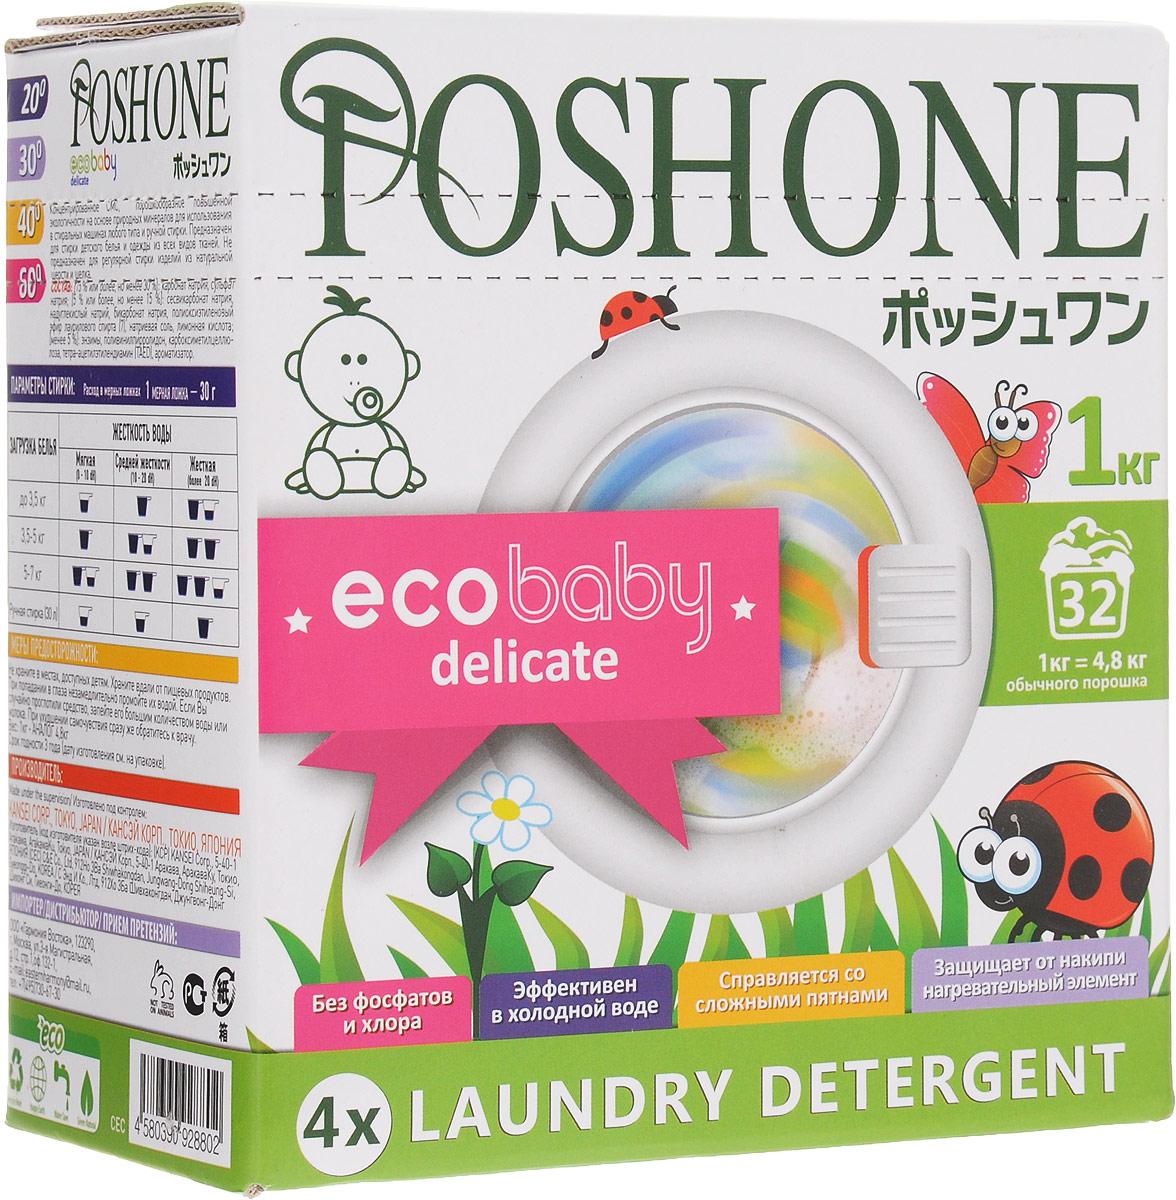 Порошок стиральный Posh One Ecobaby Delicate, для детской одежды и деликатных тканей, 1 кгML31110Стиральный порошок Posh One Ecobaby Delicate предназначен для стирки детского белья и деликатных тканей в стиральных машинах любого типа и для ручной стирки.Особенности порошка:Не имеет в своем составе фосфаты, оптические отбеливатели, формальдегиды и хлор.Не раздражает кожу.Биоразлагаем более чем на 99%.Не оставляет следов на белье.Не токсичен.Содержит биоферменты и активный кислород-активатор TAED.Защищает нагревательный элемент стиральной машины от накипи.Эффективен в холодной воде.Легко справляется со сложными пятнами.Состав: (15% или более, но менее 30%) карбонат натрия, сульфат натрия, (5% или более, но менее 15%) сесвикарбонат натрия, надуглекислый натрий, бикарбонат натрия, полиоксиэтиленовый эфир лаурилового спирта (7), натриевая соль, карбоксиметилцеллюлоза, тетра-ацетилэтилендиамин (TAED), ароматизатор.Товар сертифицирован. Не предназначен для регулярной стирки изделий из натуральной шерсти и шелка.